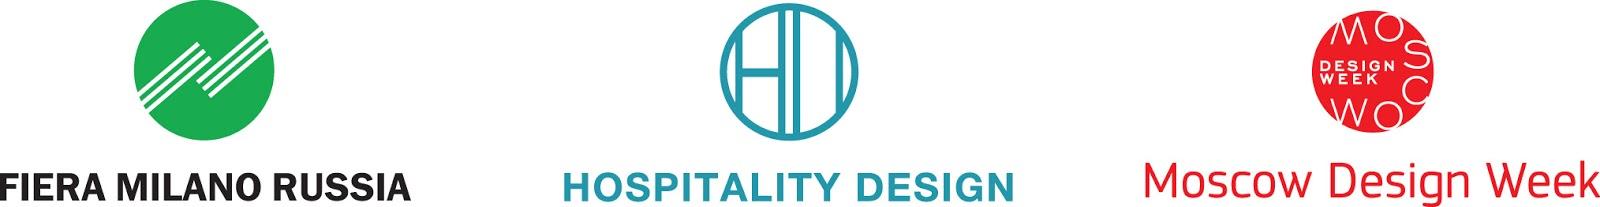 Hospitality Design 2013 logo